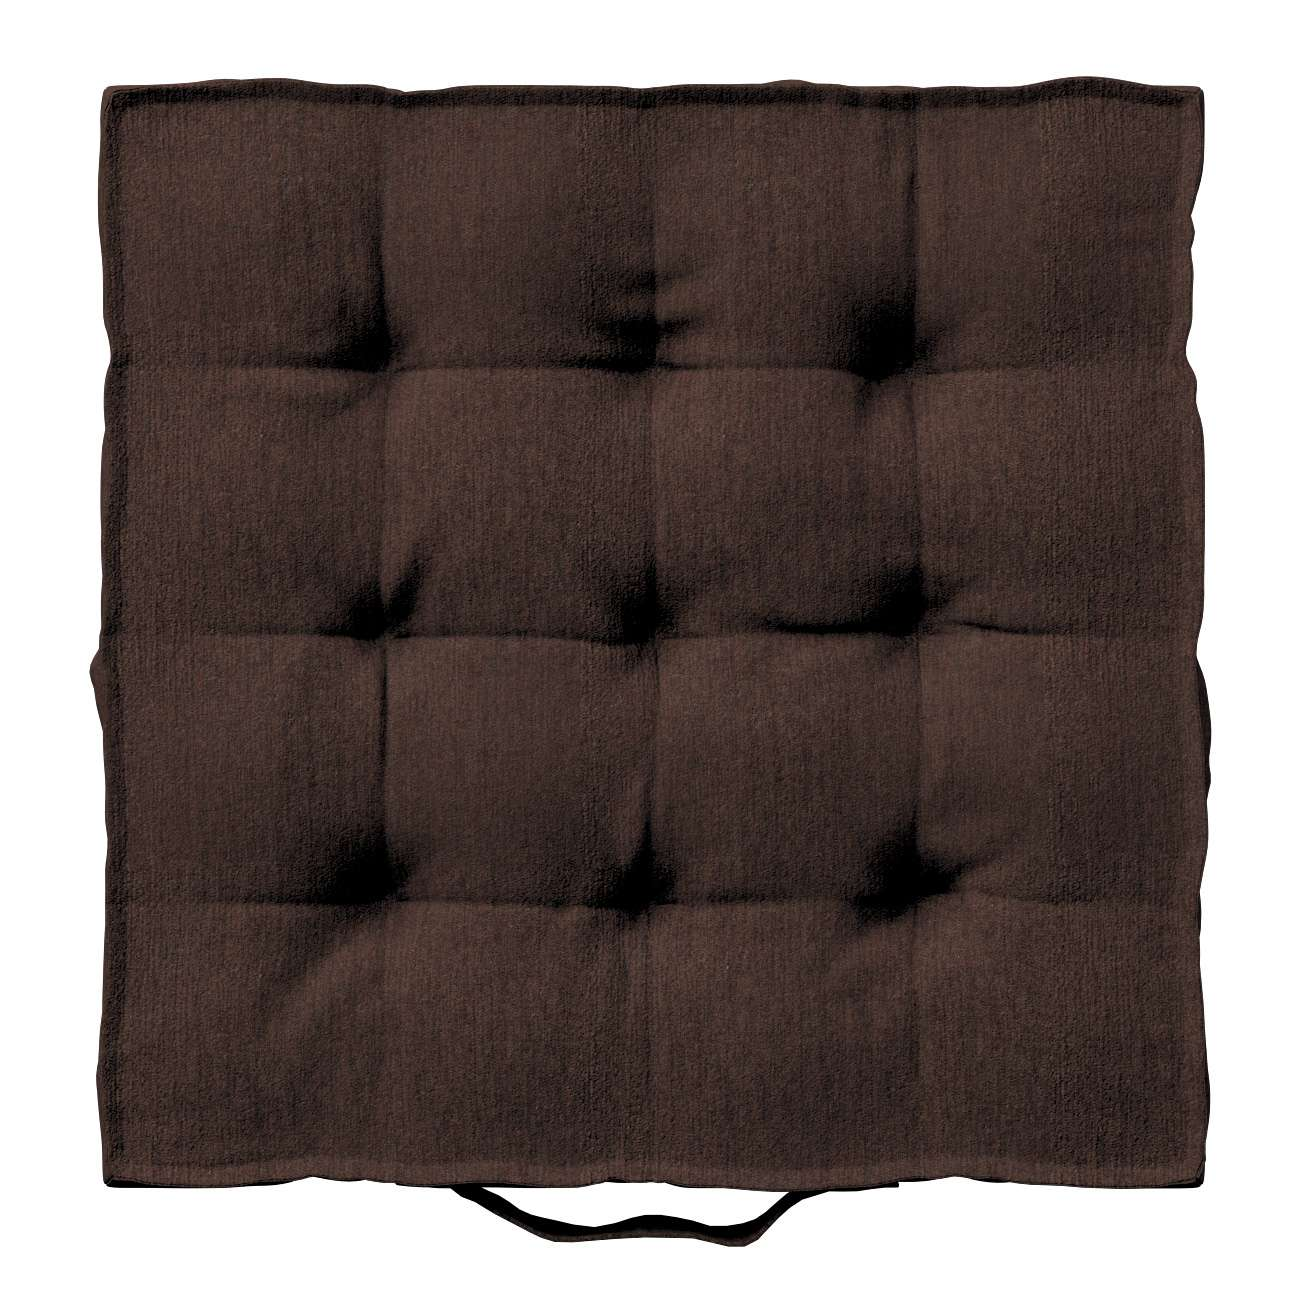 Pagalvėlė Kuba kėdei/ant grindų 40 x 40 x 6 cm kolekcijoje Chenille, audinys: 702-18